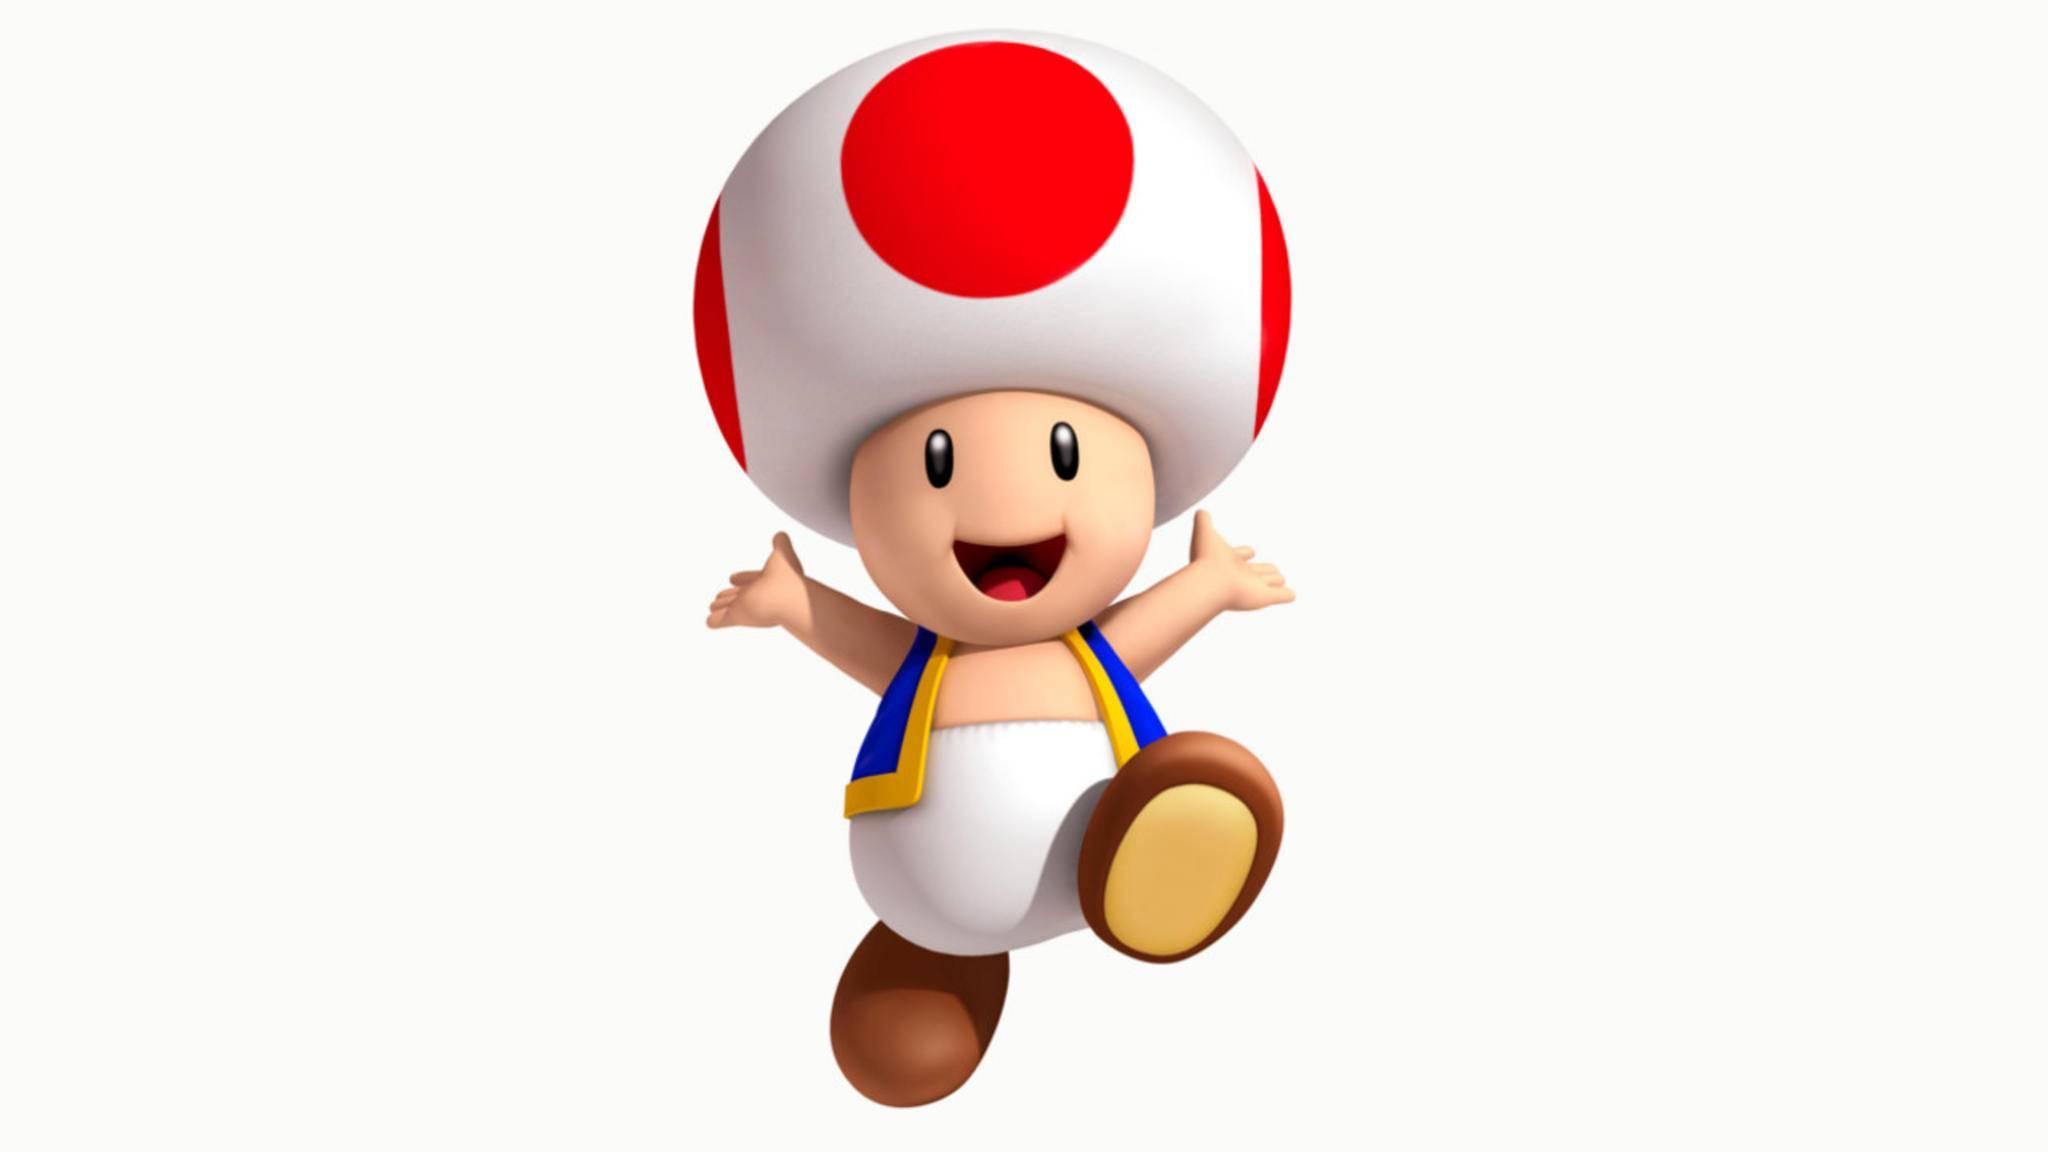 Die Wissenschaft hat festgestellt... ob Toad eine Kopfbedeckung trägt oder einfach einen sehr großen Kopf hat.